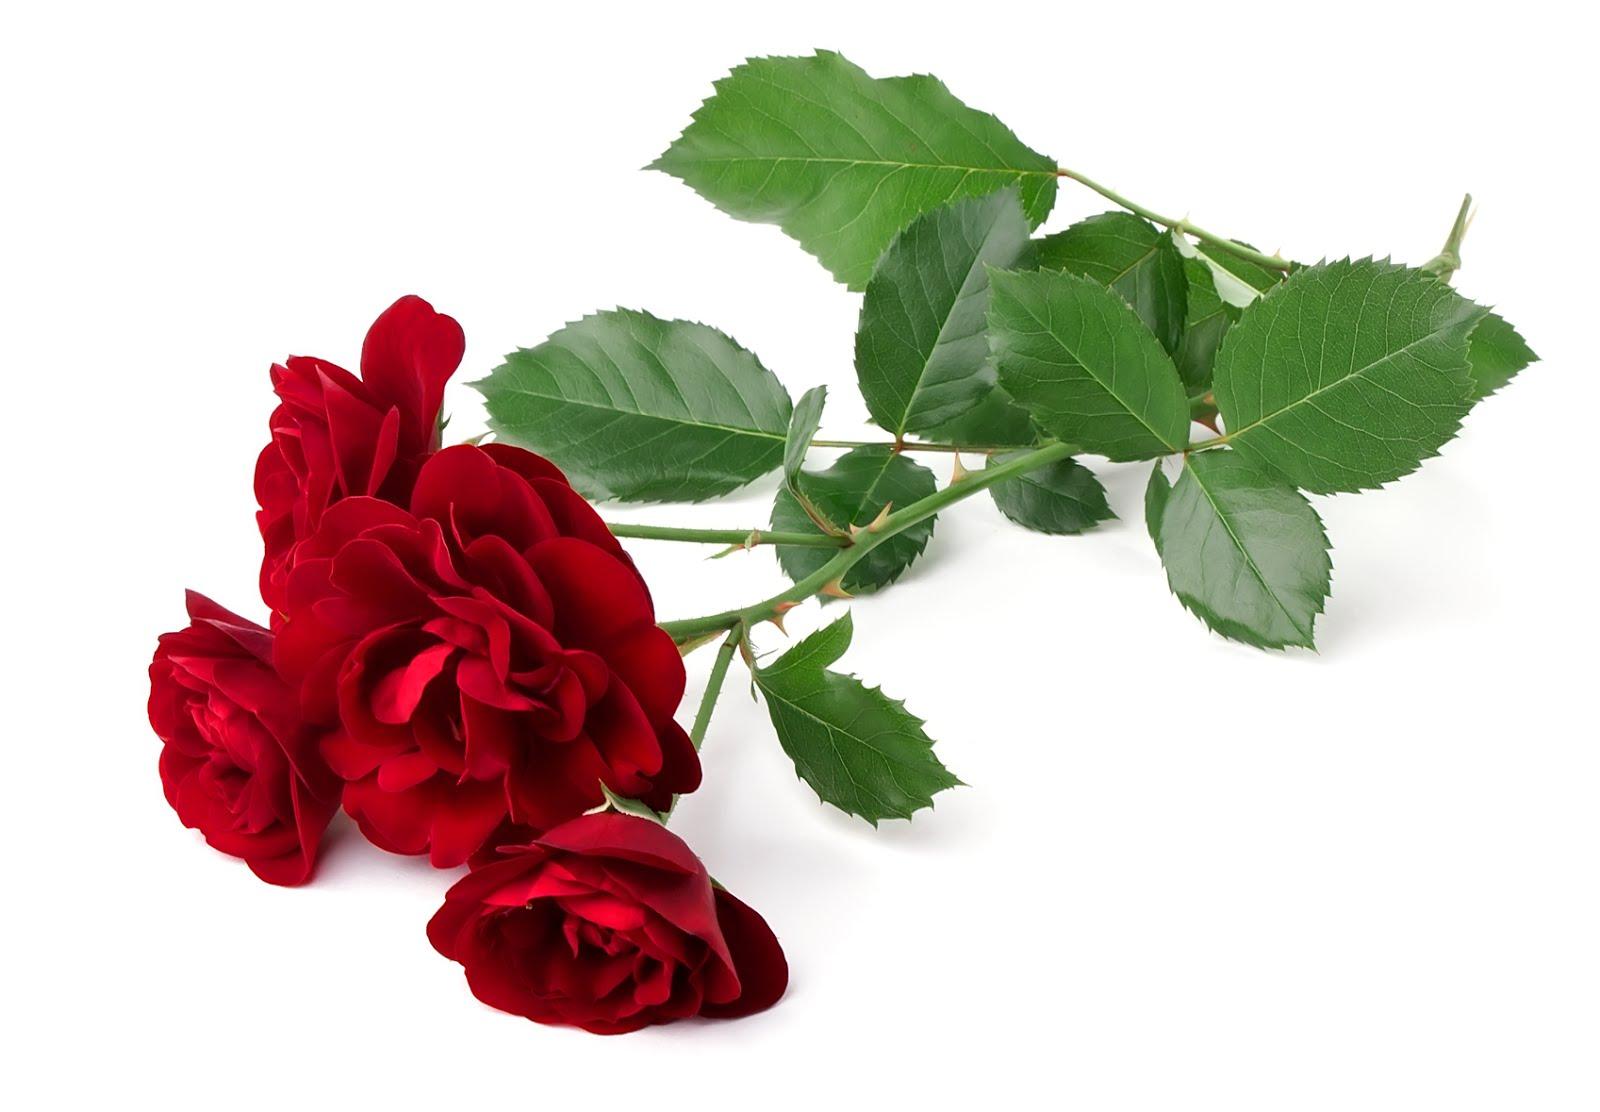 Fotos de flores y rosas para fondo de pantalla del celular y  - Imagenes De Rosas De Amor Gratis